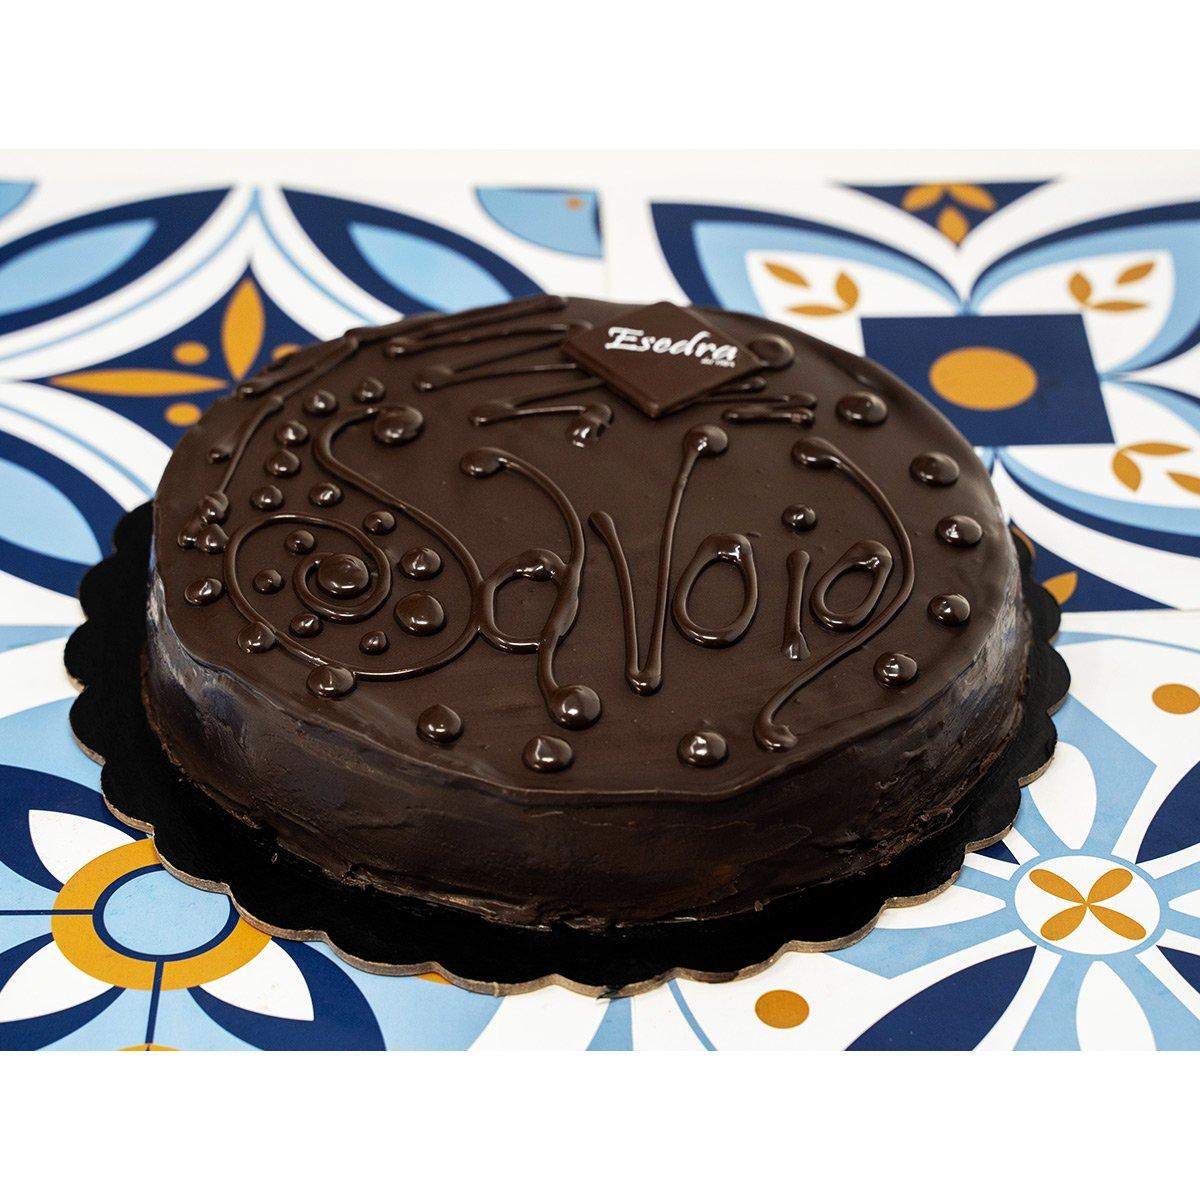 Torta Savoia01 - Pasticceria Esedra